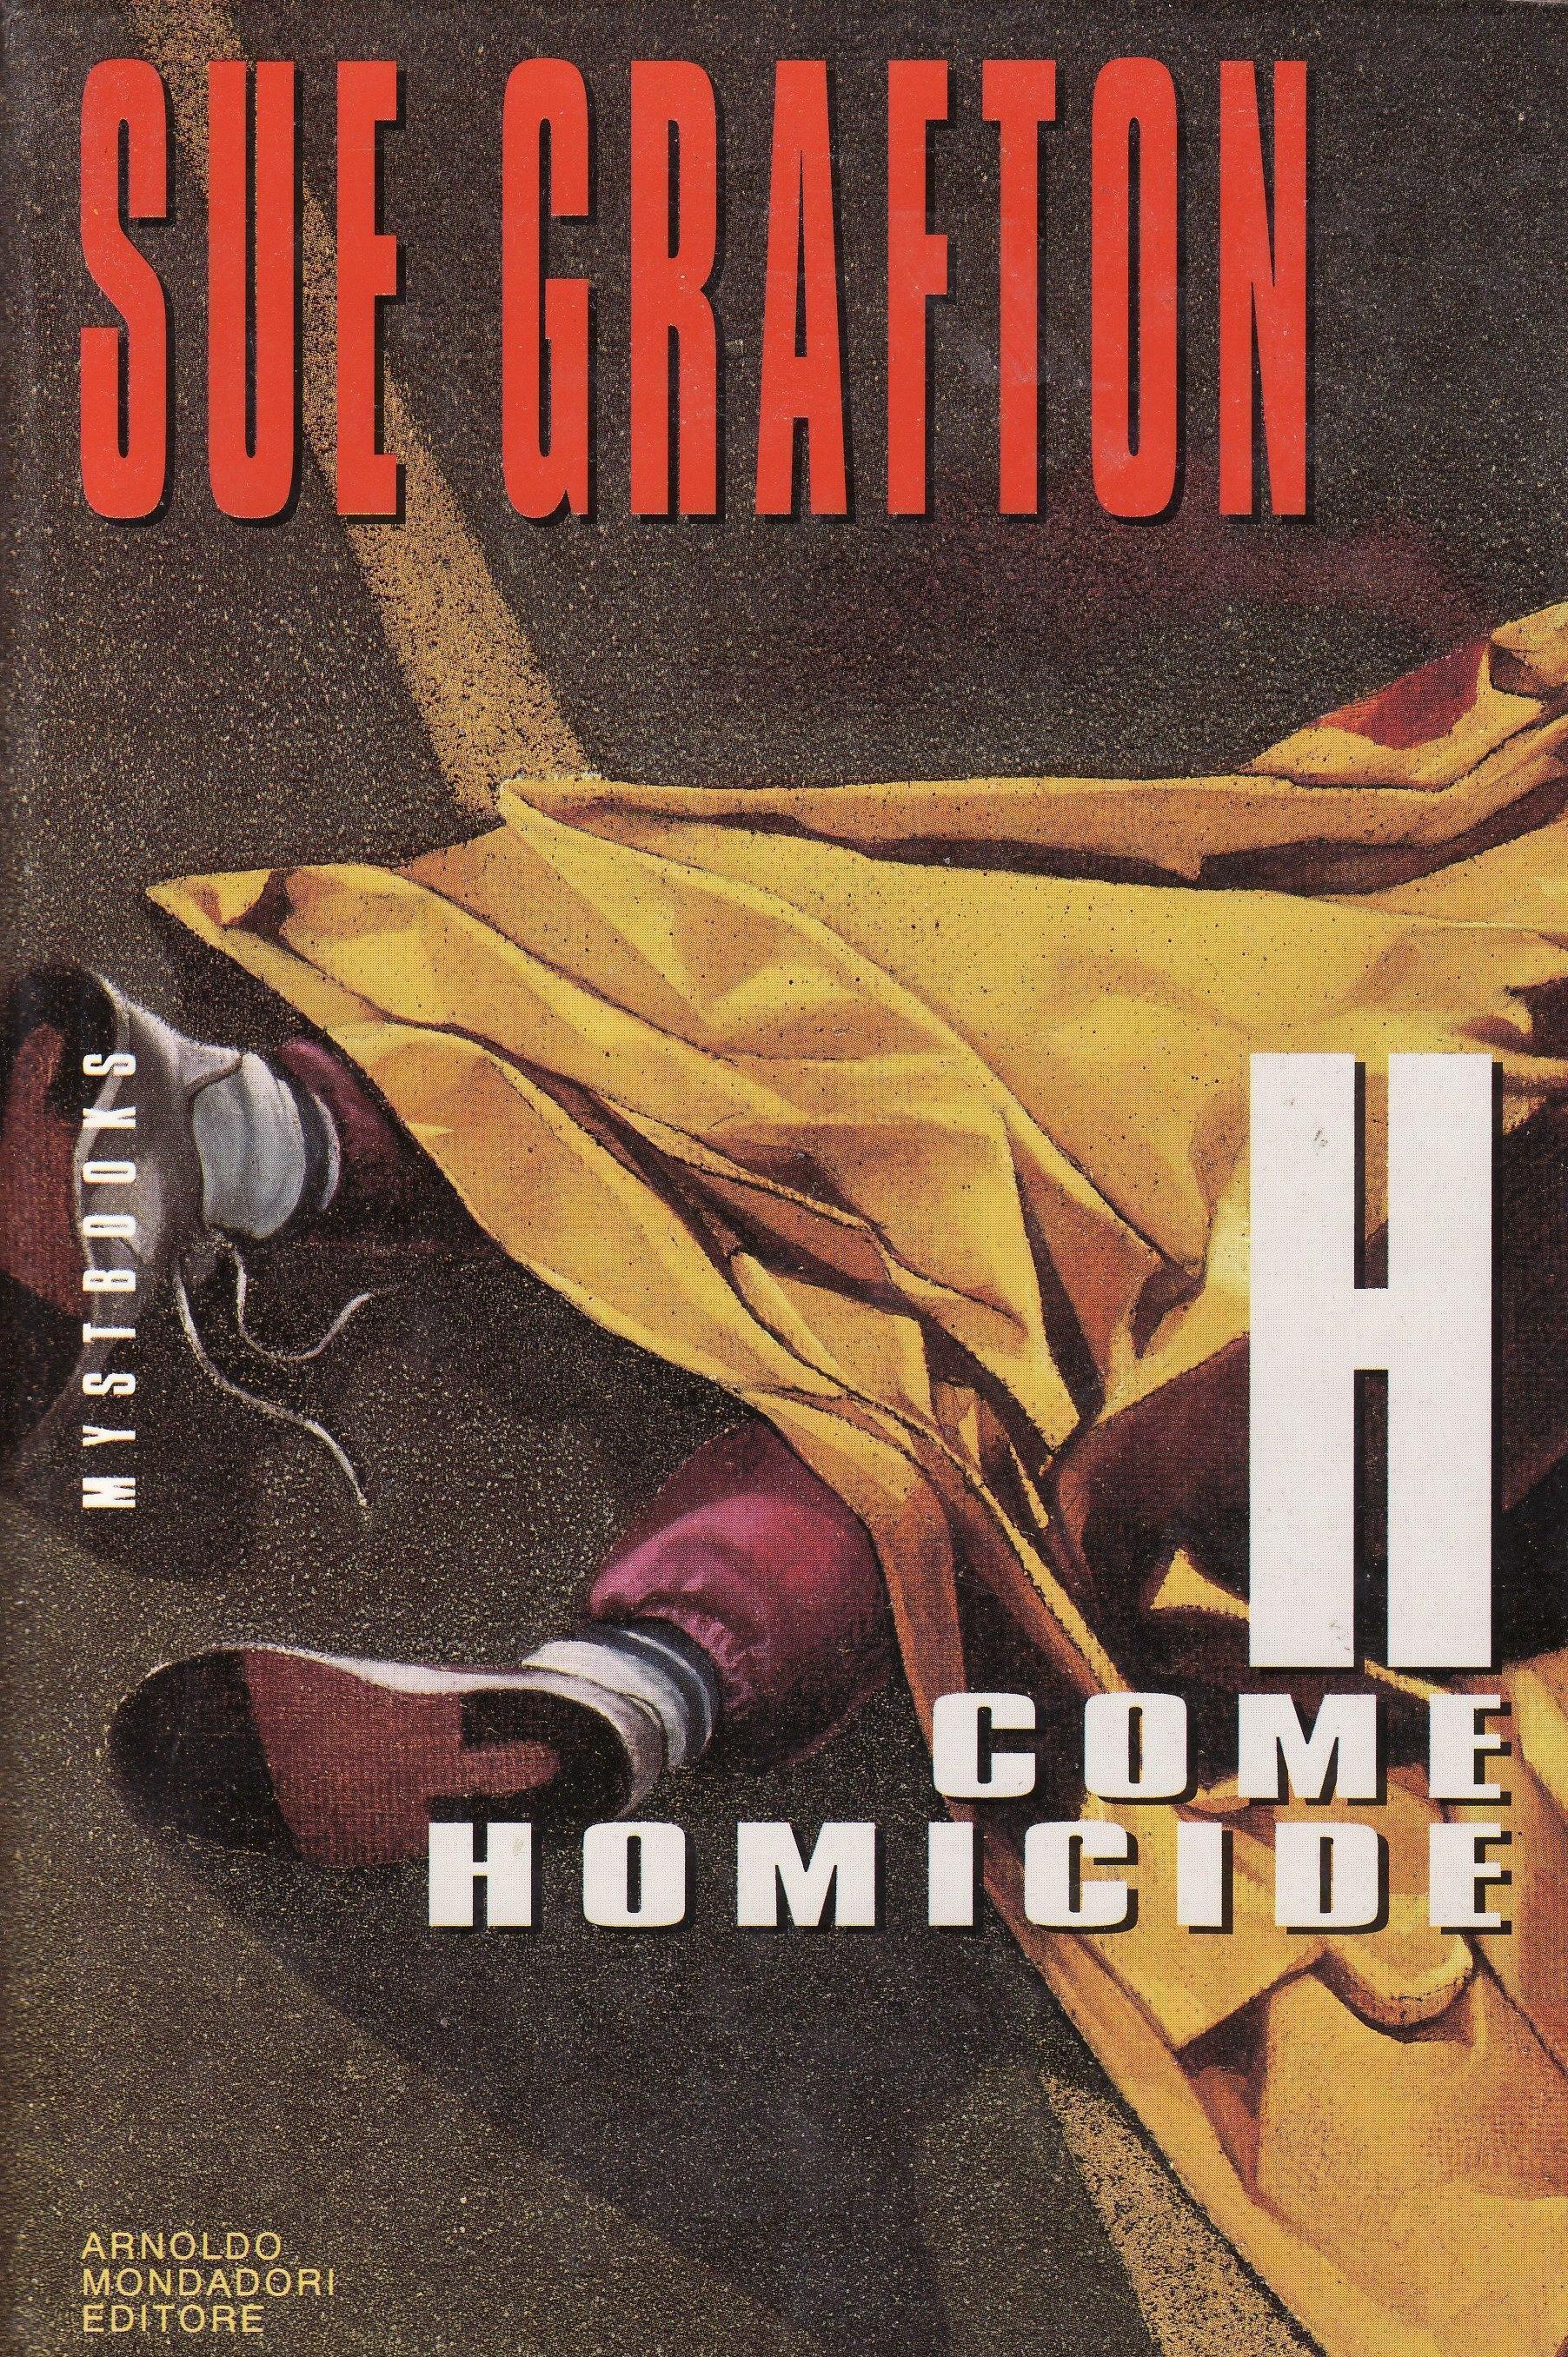 H come homicide